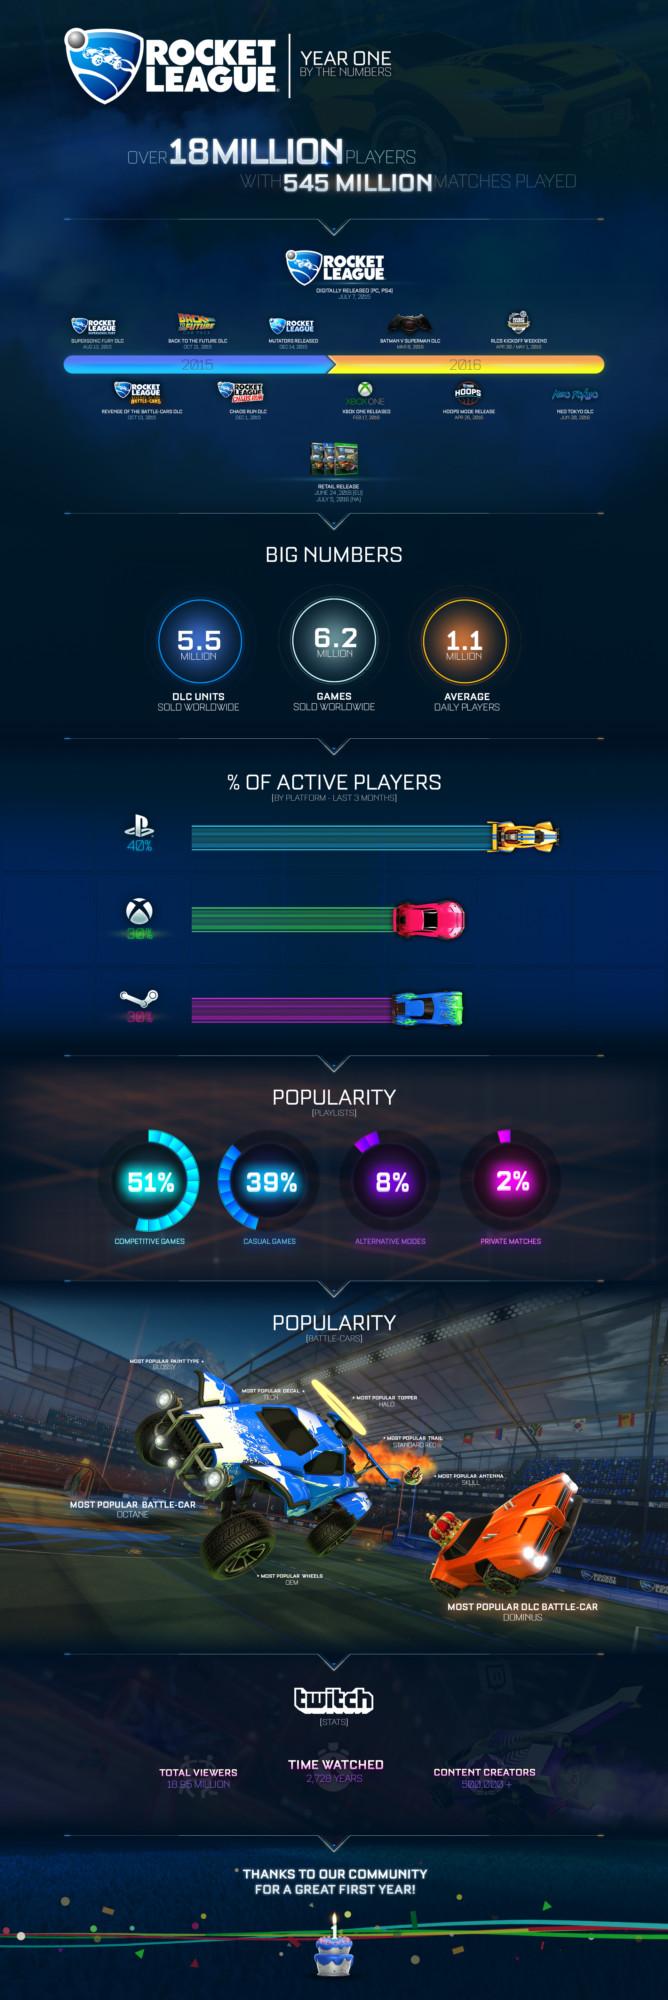 Rocket League celebra il suo primo compleanno con un'infografica sui suoi successi